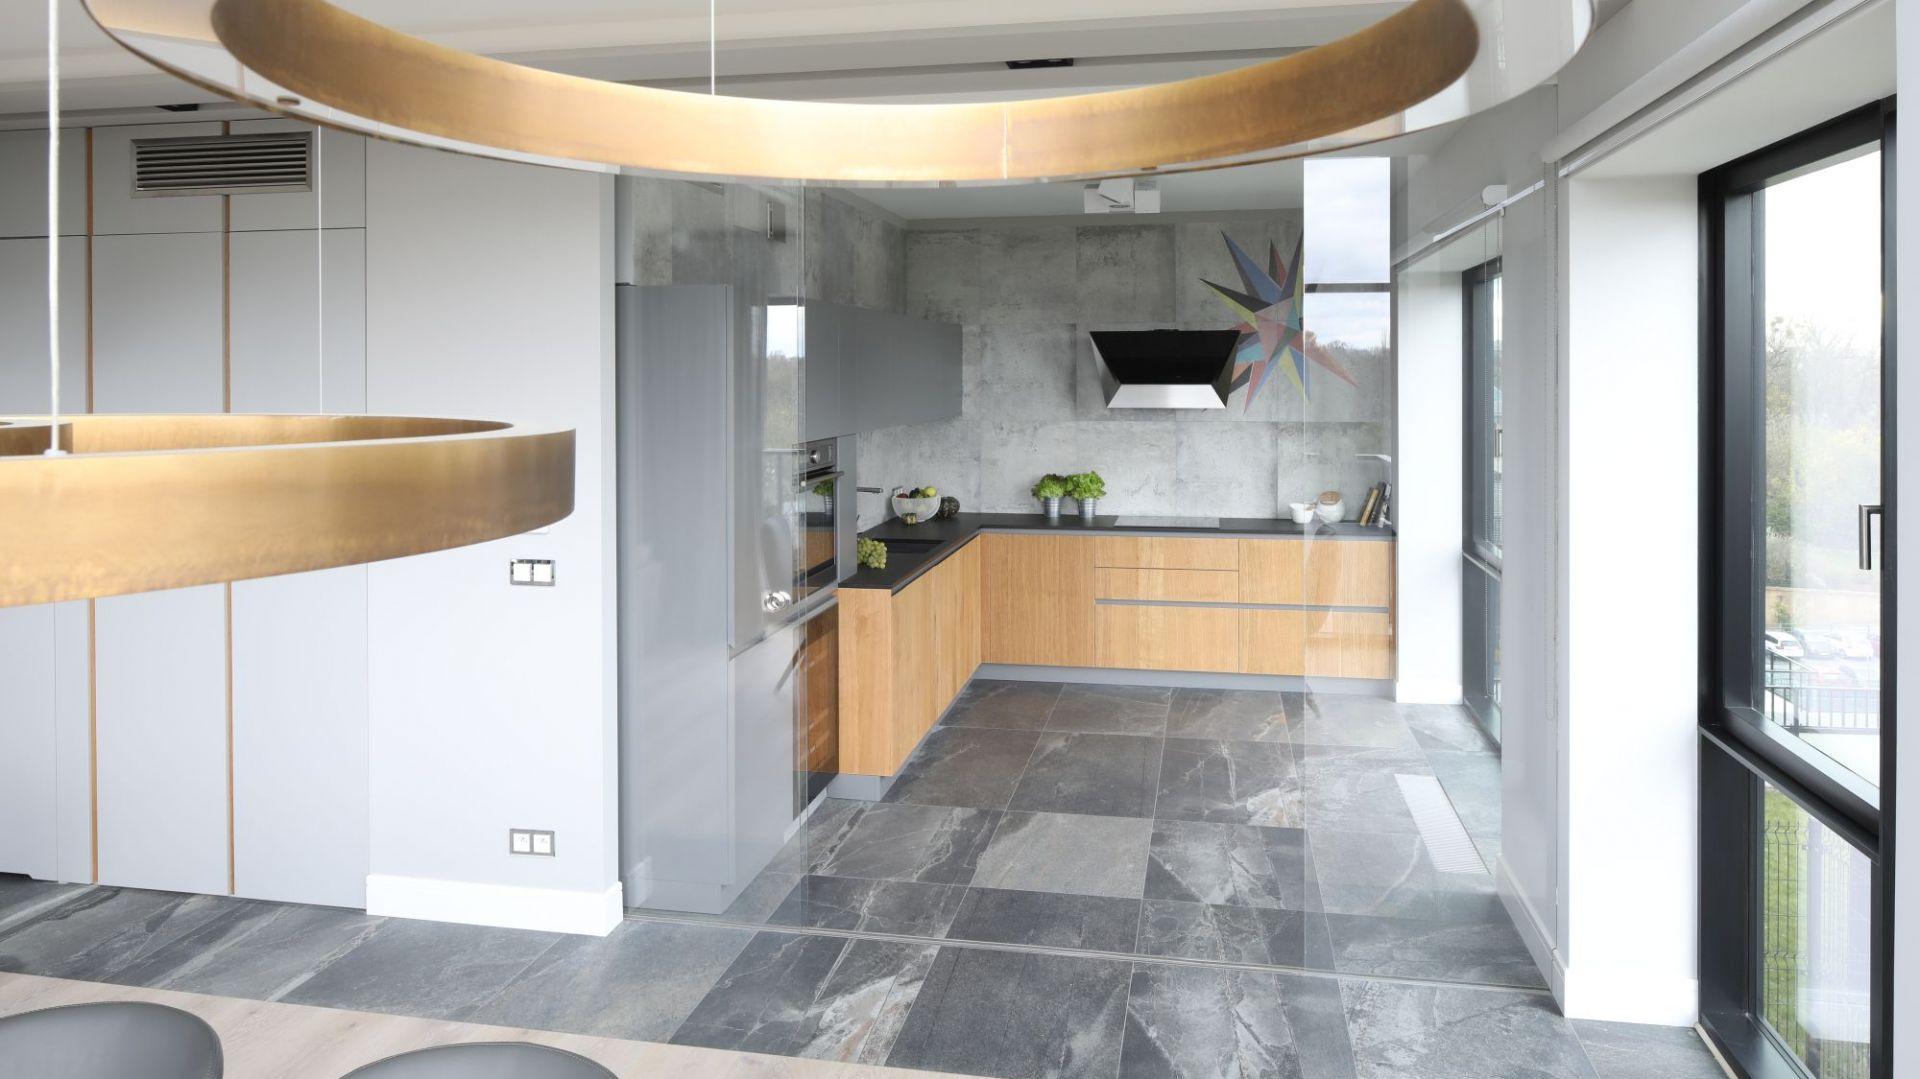 Najpiękniejsze kuchnie 2018 roku. Projekt: Magdalena Lehmann. Fot. Bartosz Jarosz